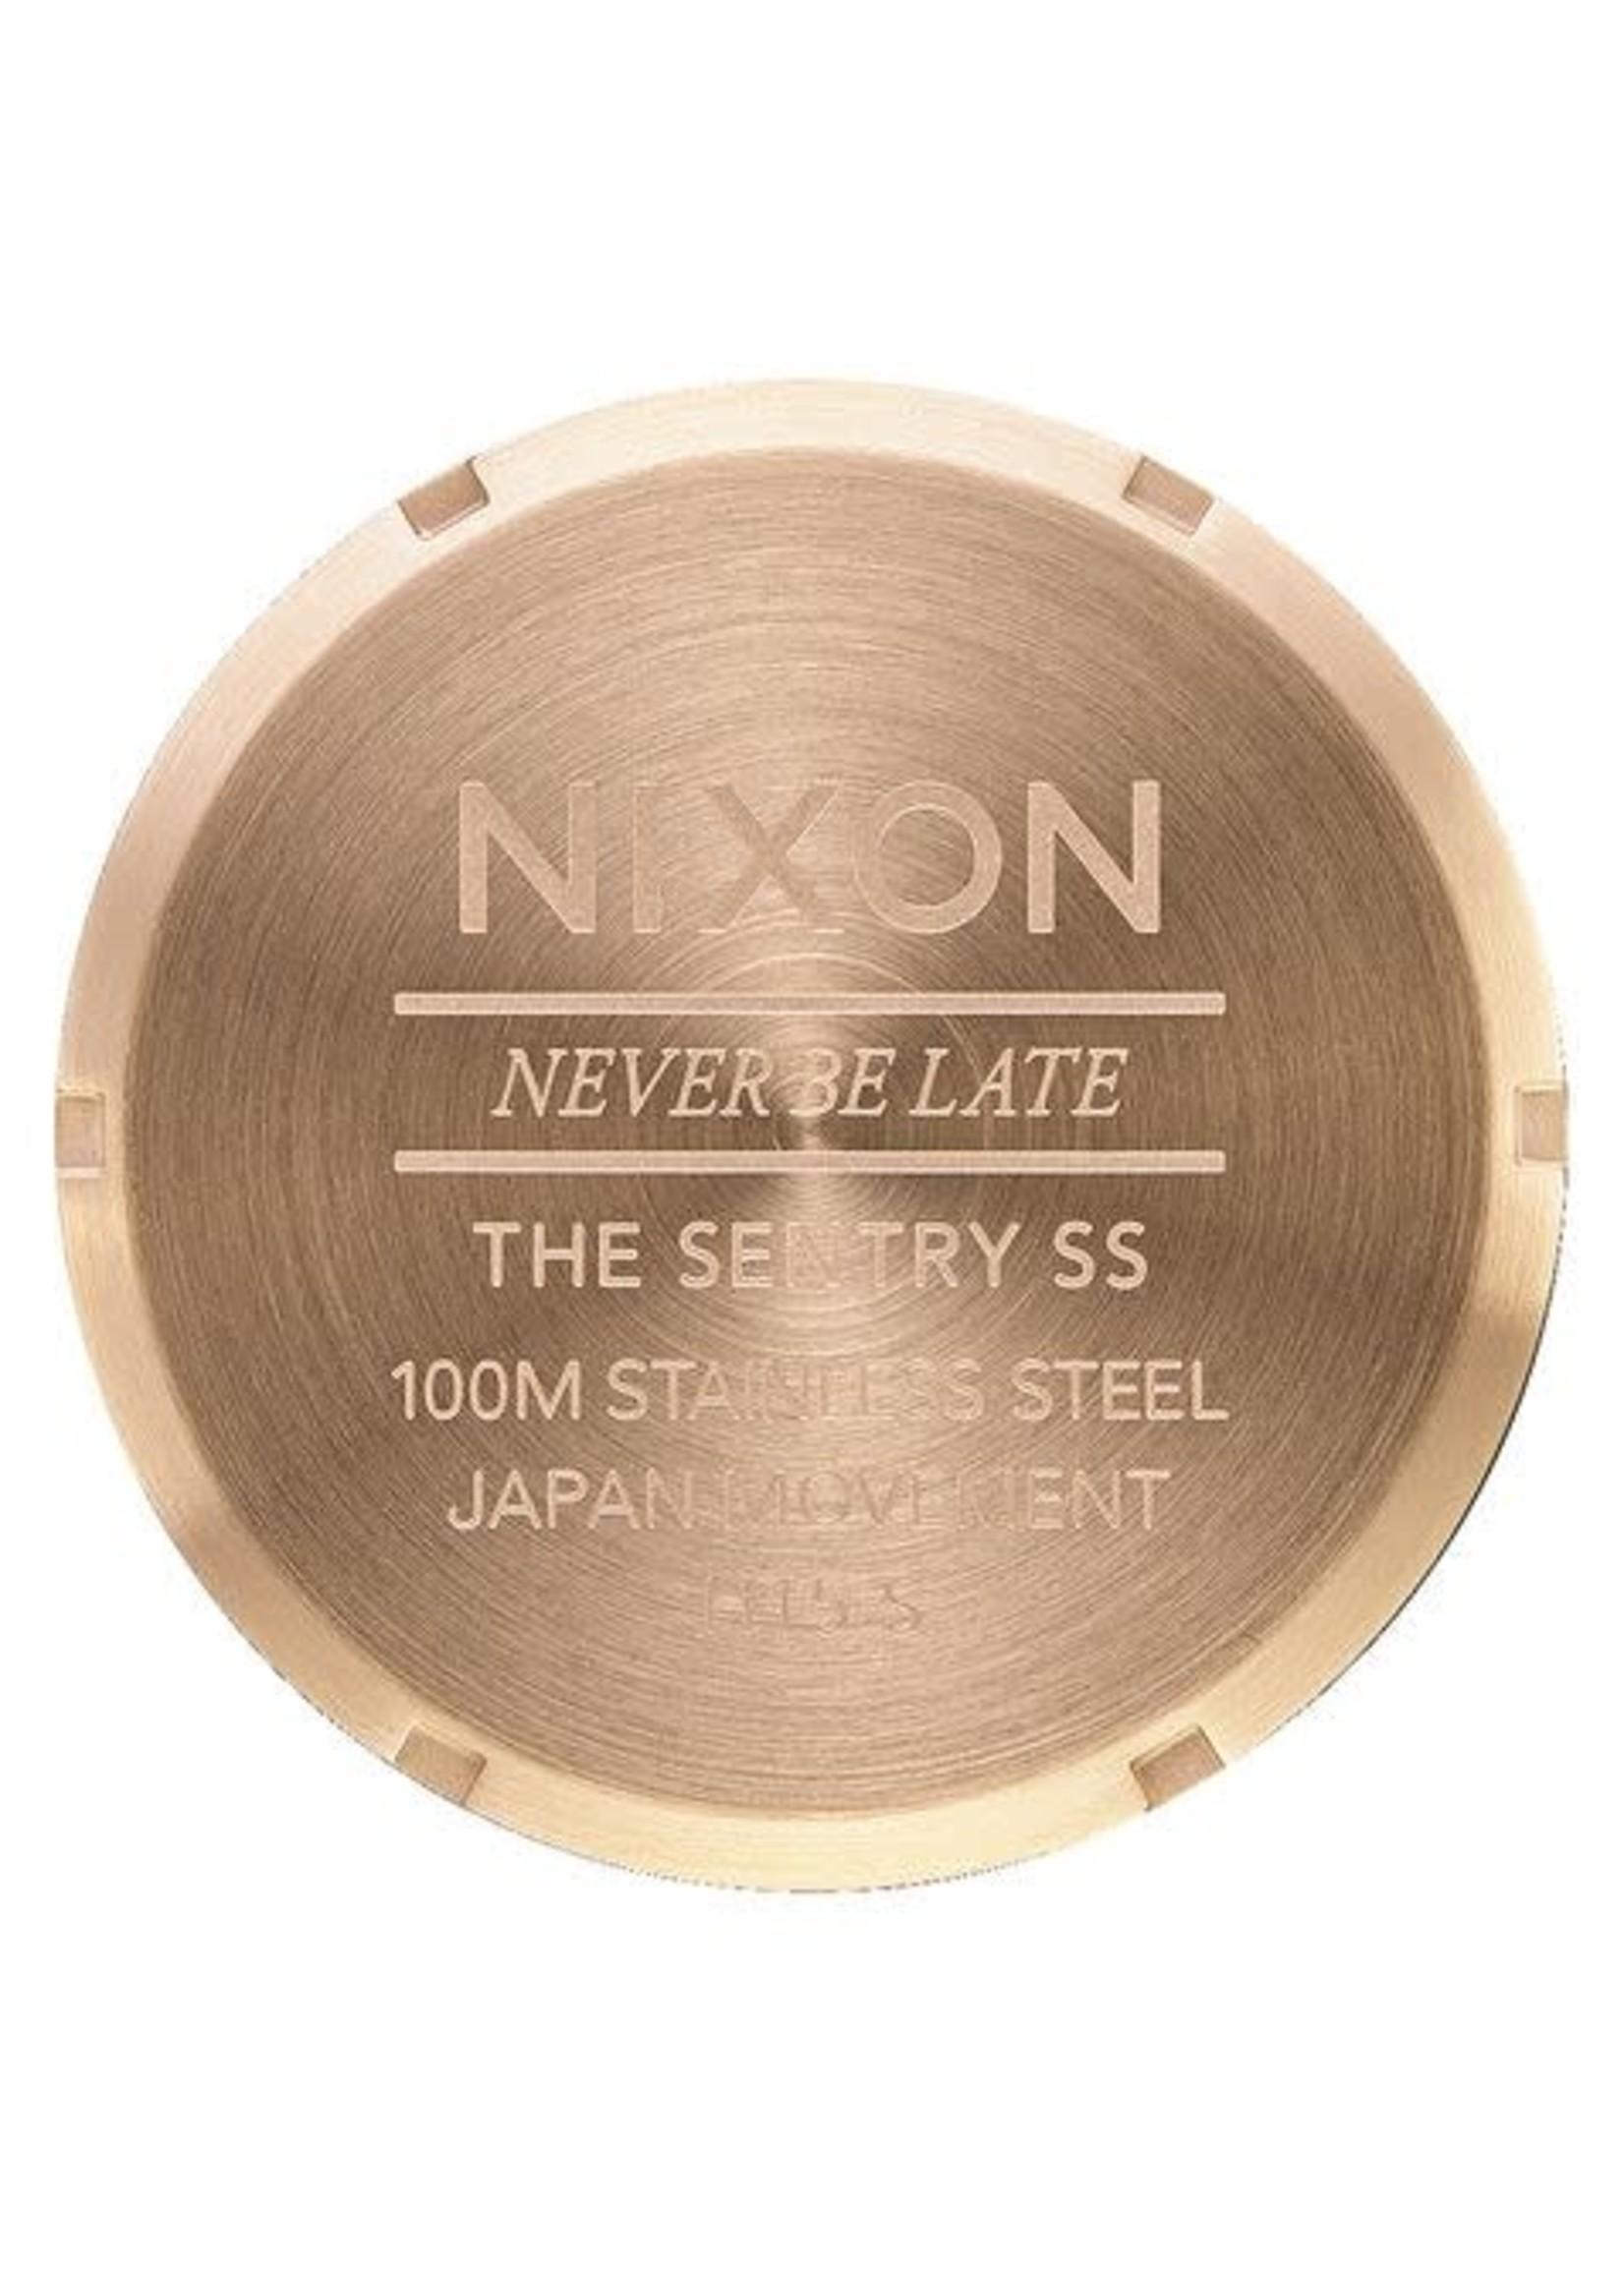 NIXON SENTRY SS Gold/ White